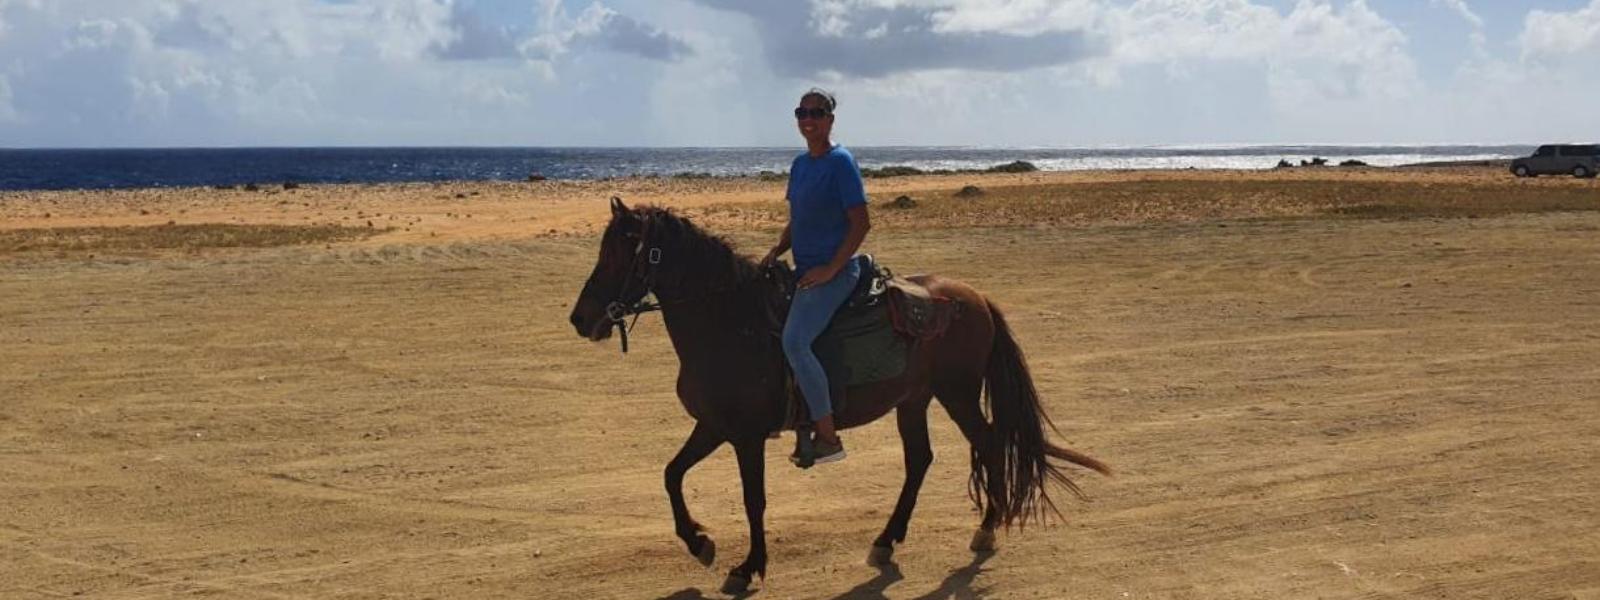 Paardrijden op Aruba: Eigenlijk eentje die je op je 'to-do list' moet zetten…